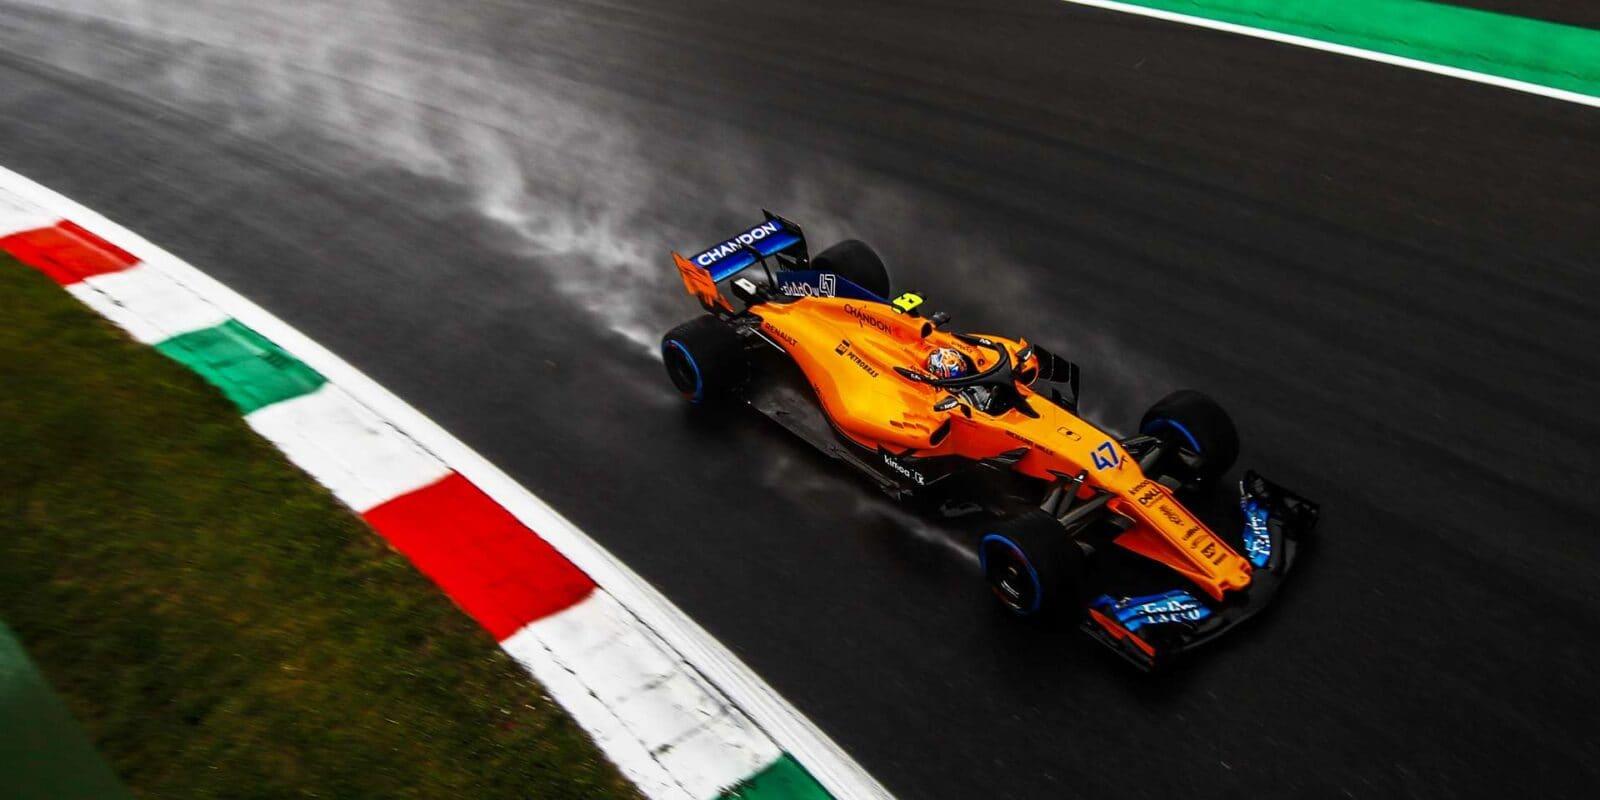 McLarenu se podařilo snížit finanční ztráty